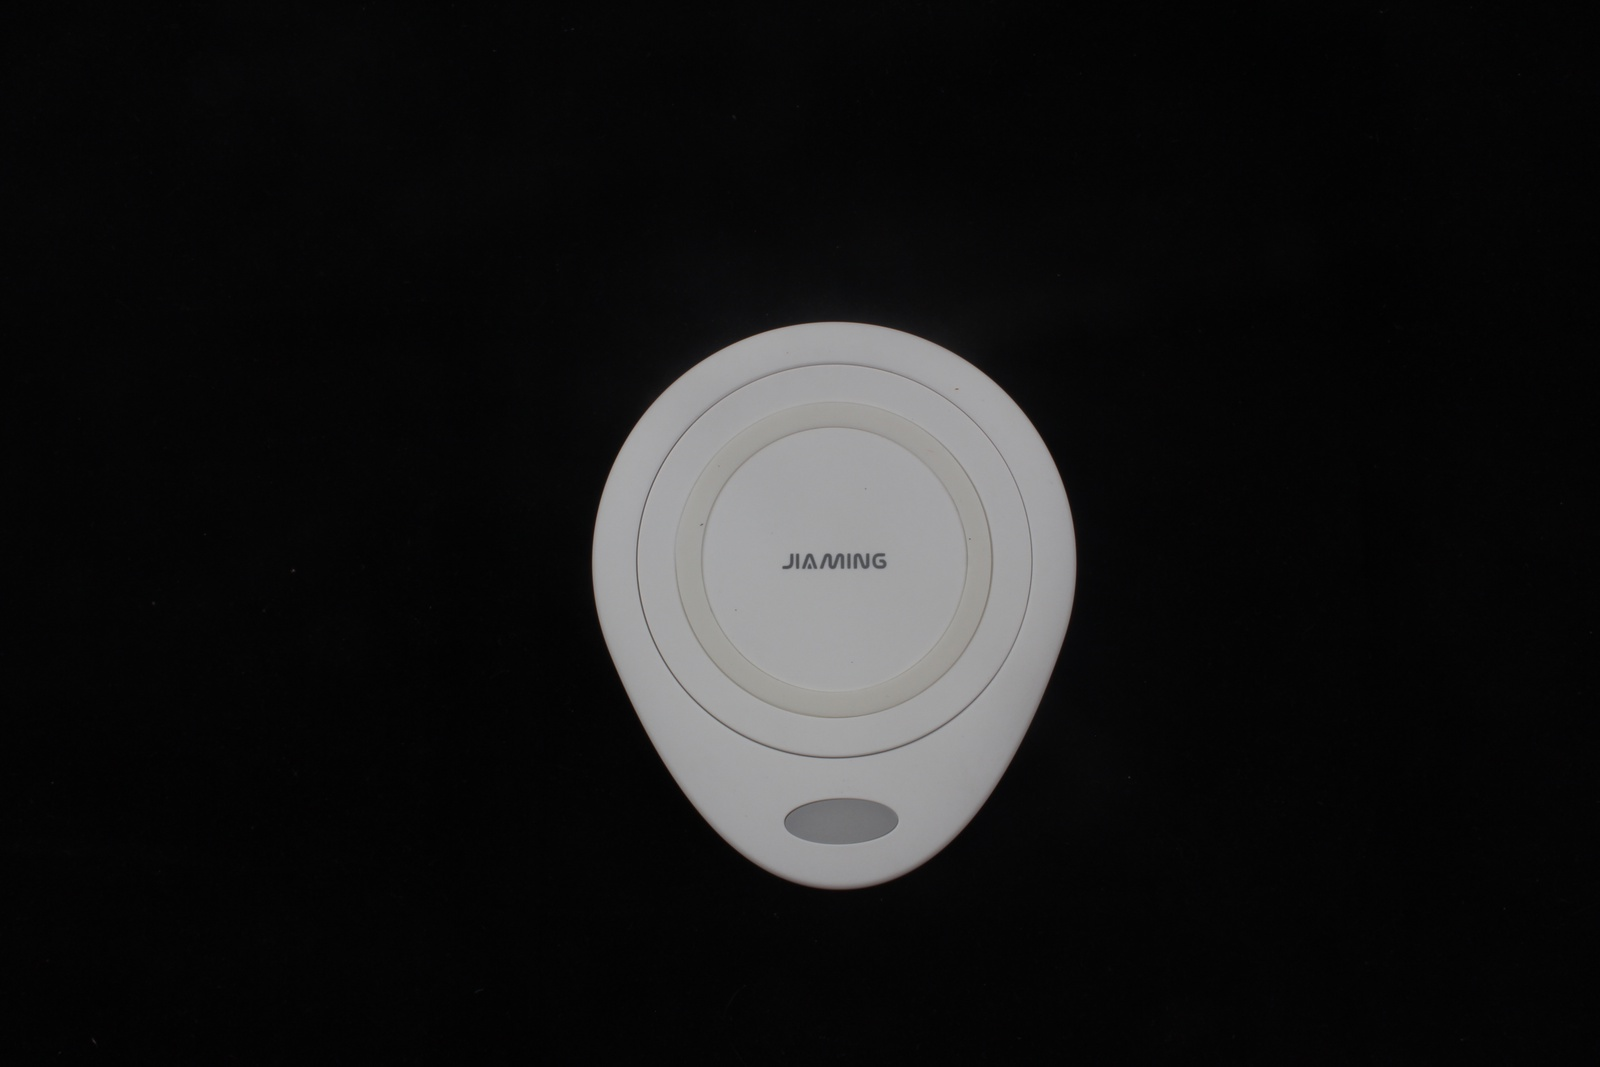 Беспроводное зарядное устройство JIA MING WX1, 4605180034195, белый ming ta ming ta ягненок восьмиструнный звук фортепьяно детский детское просветление головоломки игрушки раннее образование музыка